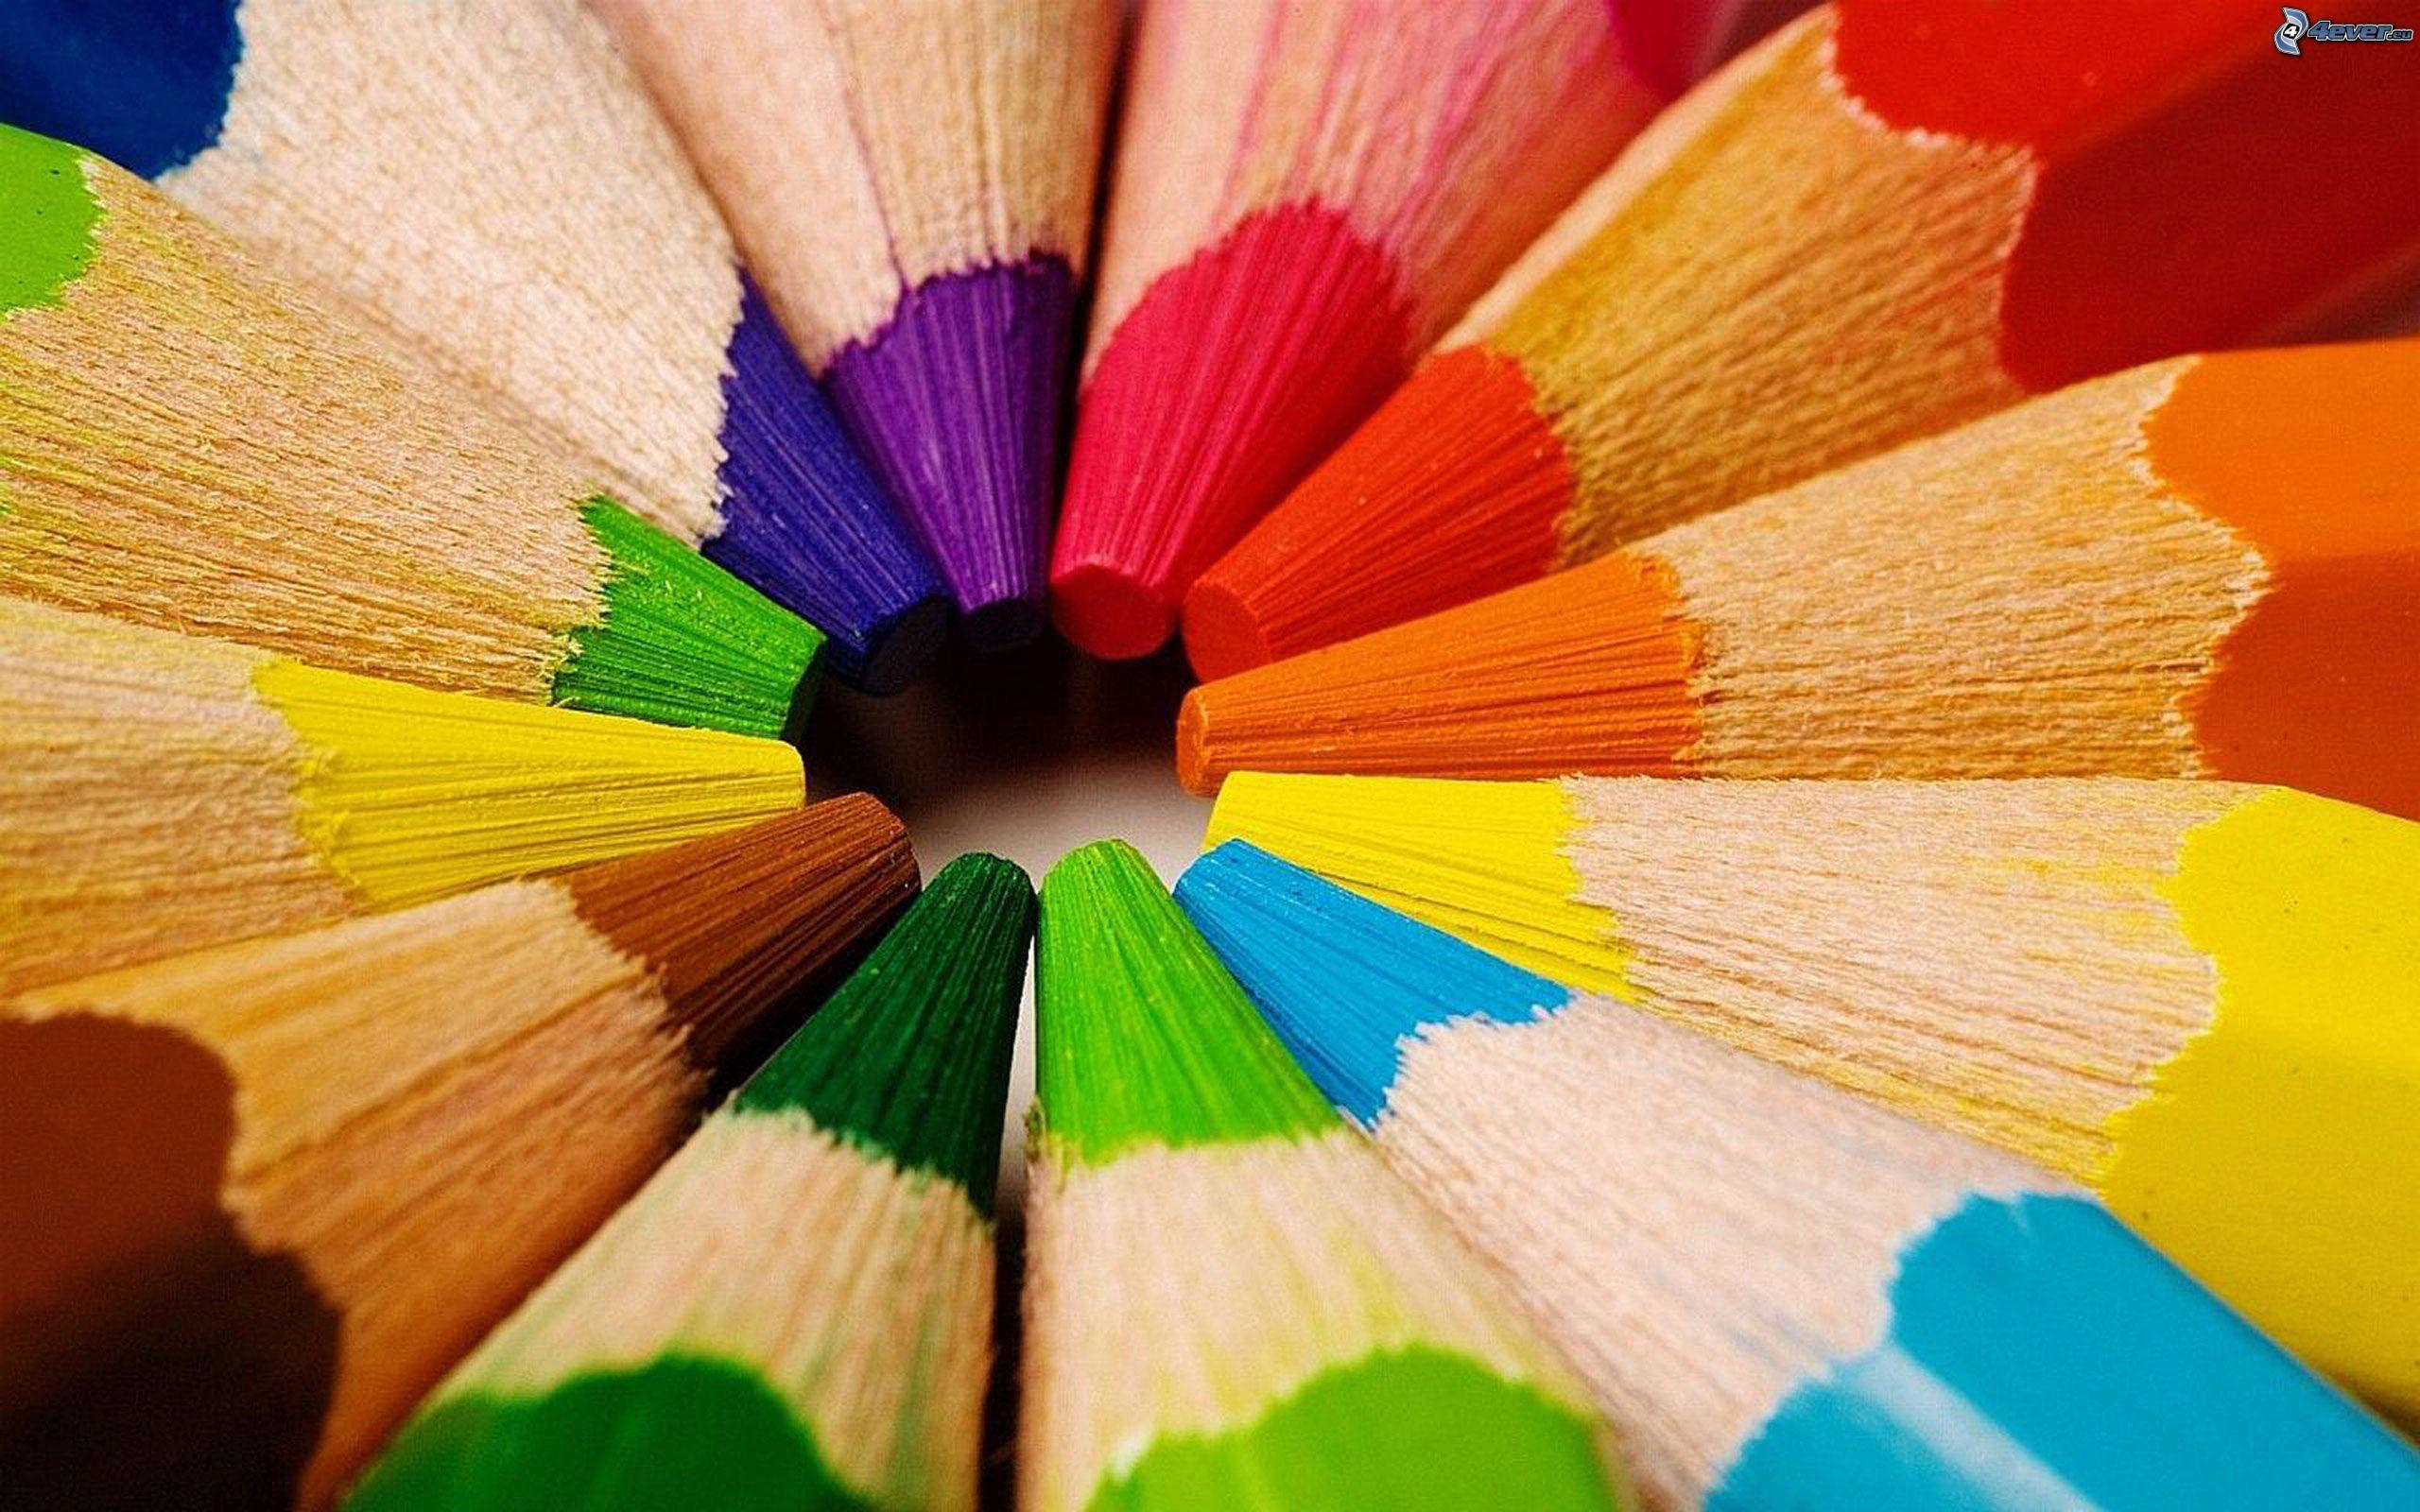 kolorowe-kredki.jpg